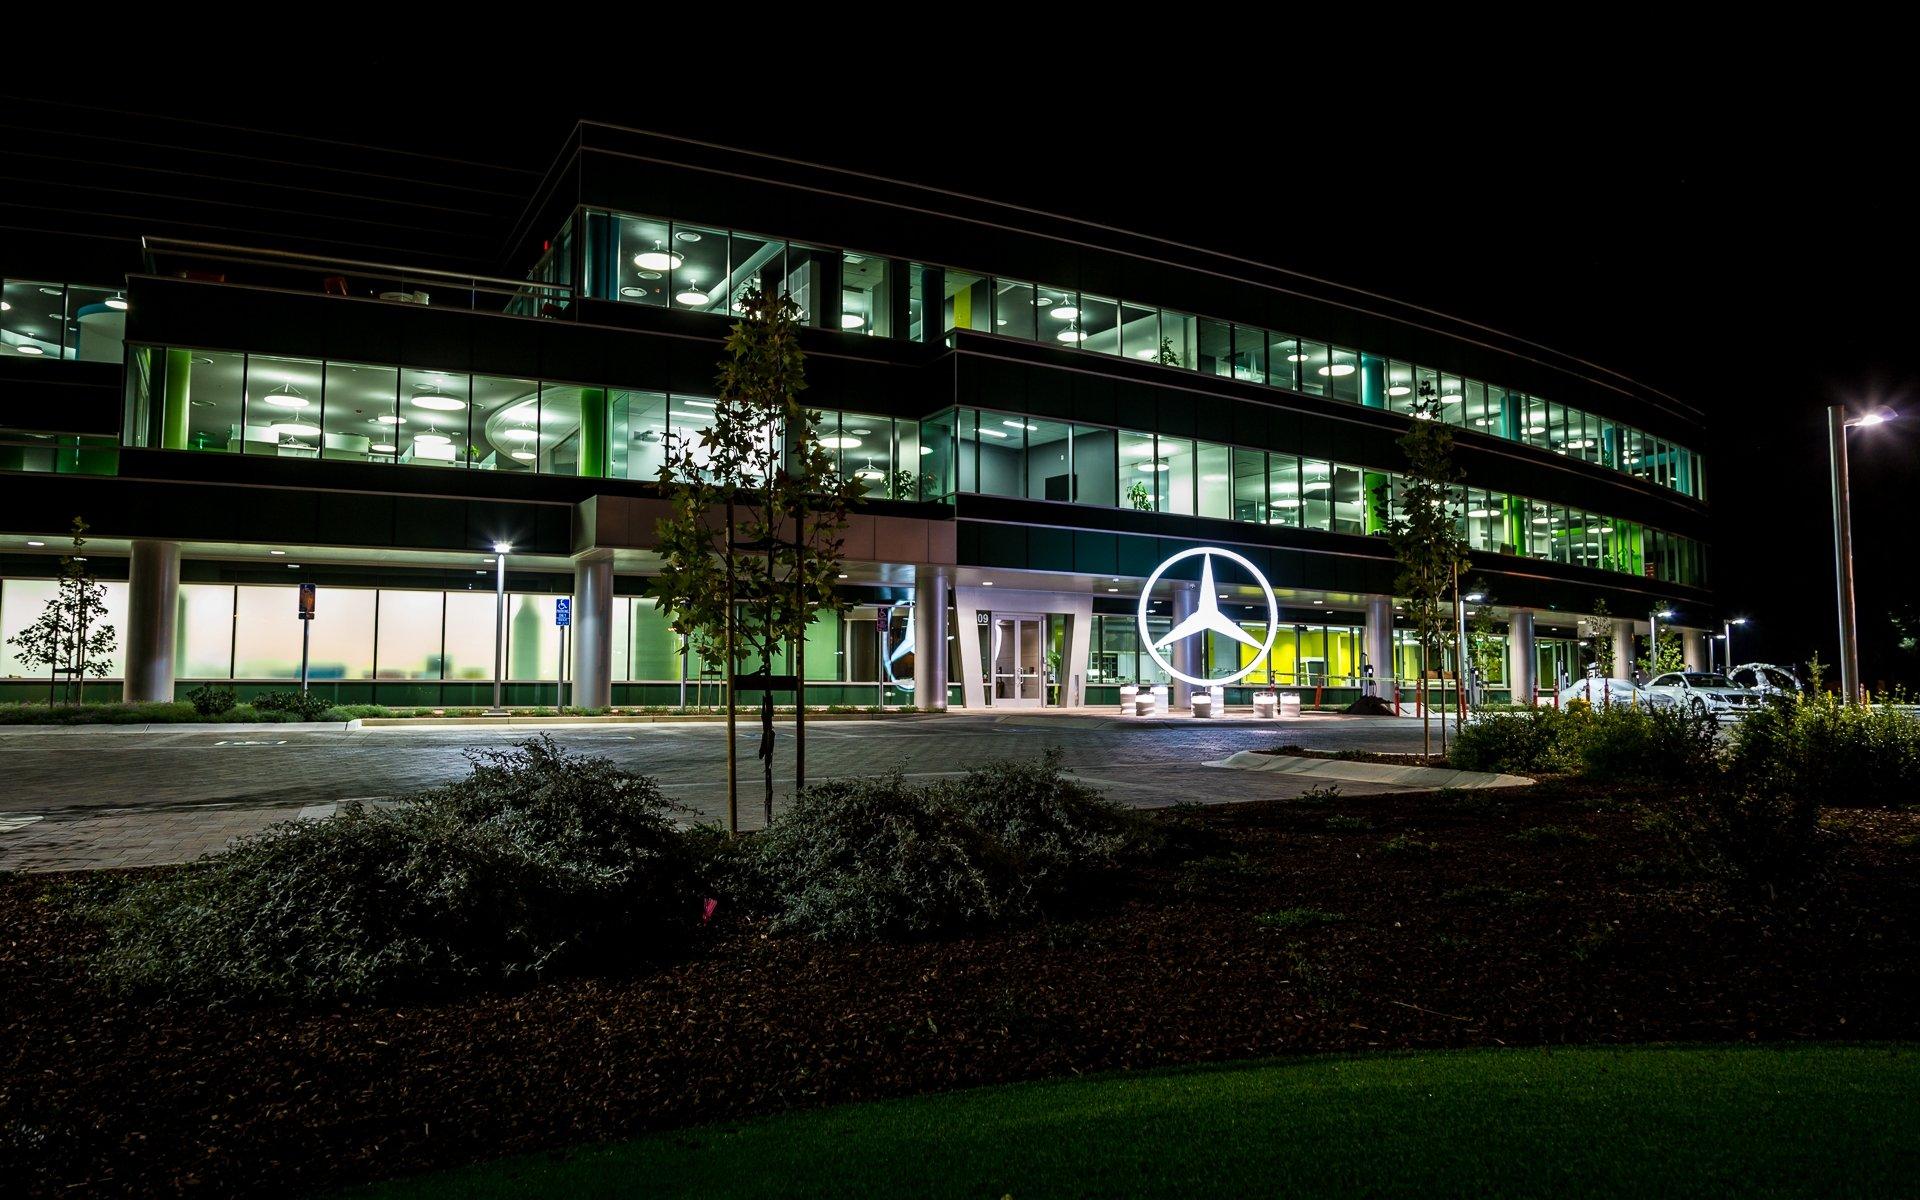 Neues Mercedes-Benz-Entwicklungszentrum in Sunnyvale, Kalifornien: Daimler will 30 neue Modelle bis 2020 entwickeln, um seine Konkurrenten Audi und BMW zu überholen.